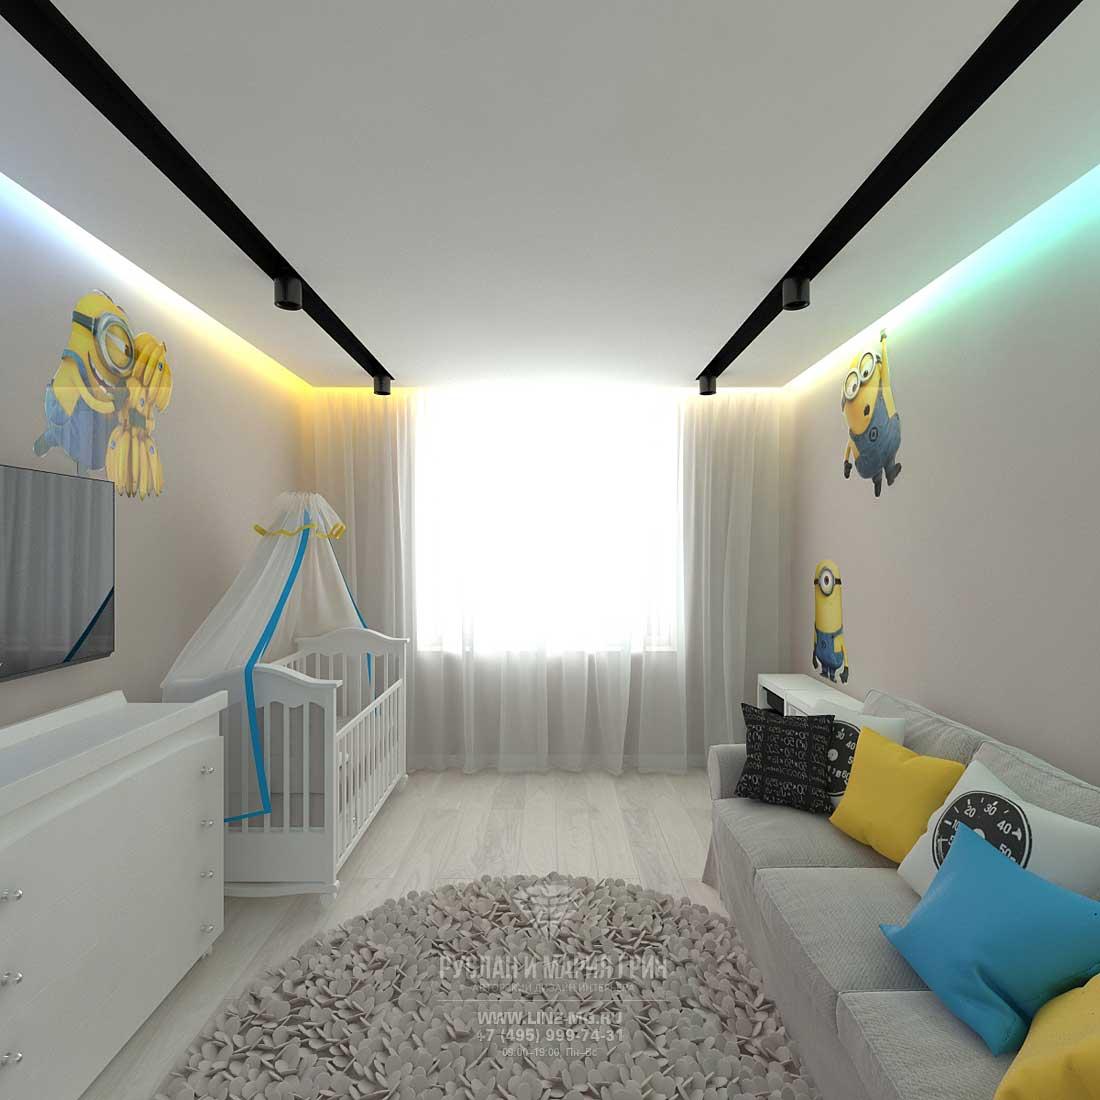 Дизайн красивой квартиры. Фото интерьера детской в современном стиле